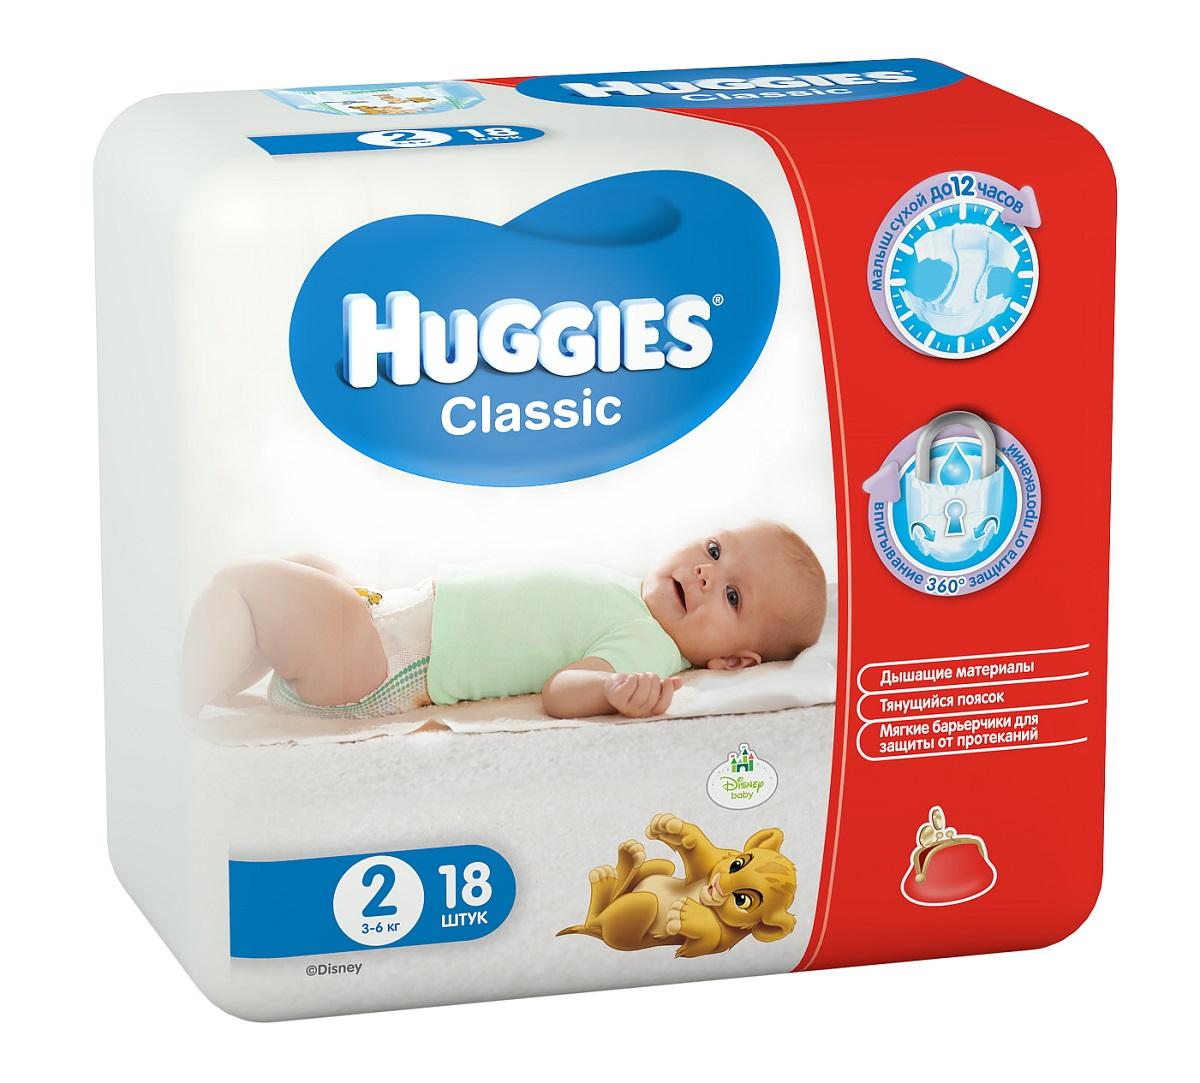 Huggies Подгузники Classic 3-6 кг (размер 2) 18 шт9401021Вместе с подгузниками Huggies Classic с мягкой дышащей поверхностью, вы можете быть уверены в сухости кожи своего малыша. У подгузников Huggies Classic есть улучшенная распределяющая салфетка, которая быстро впитывает при любом положении малыша, равномерно распределяя жидкость, что препятствует образованию комков внутри подгузника и обеспечивает великолепную сухость и защиту кожи малыша. Мягкие барьерчики, предотвращают протекания вокруг ножек малыша. Тянущийся поясок, защитит малыша от протекания по спинке. Характеристики: Весовая категория: 3-6 кг. Размер: 2.